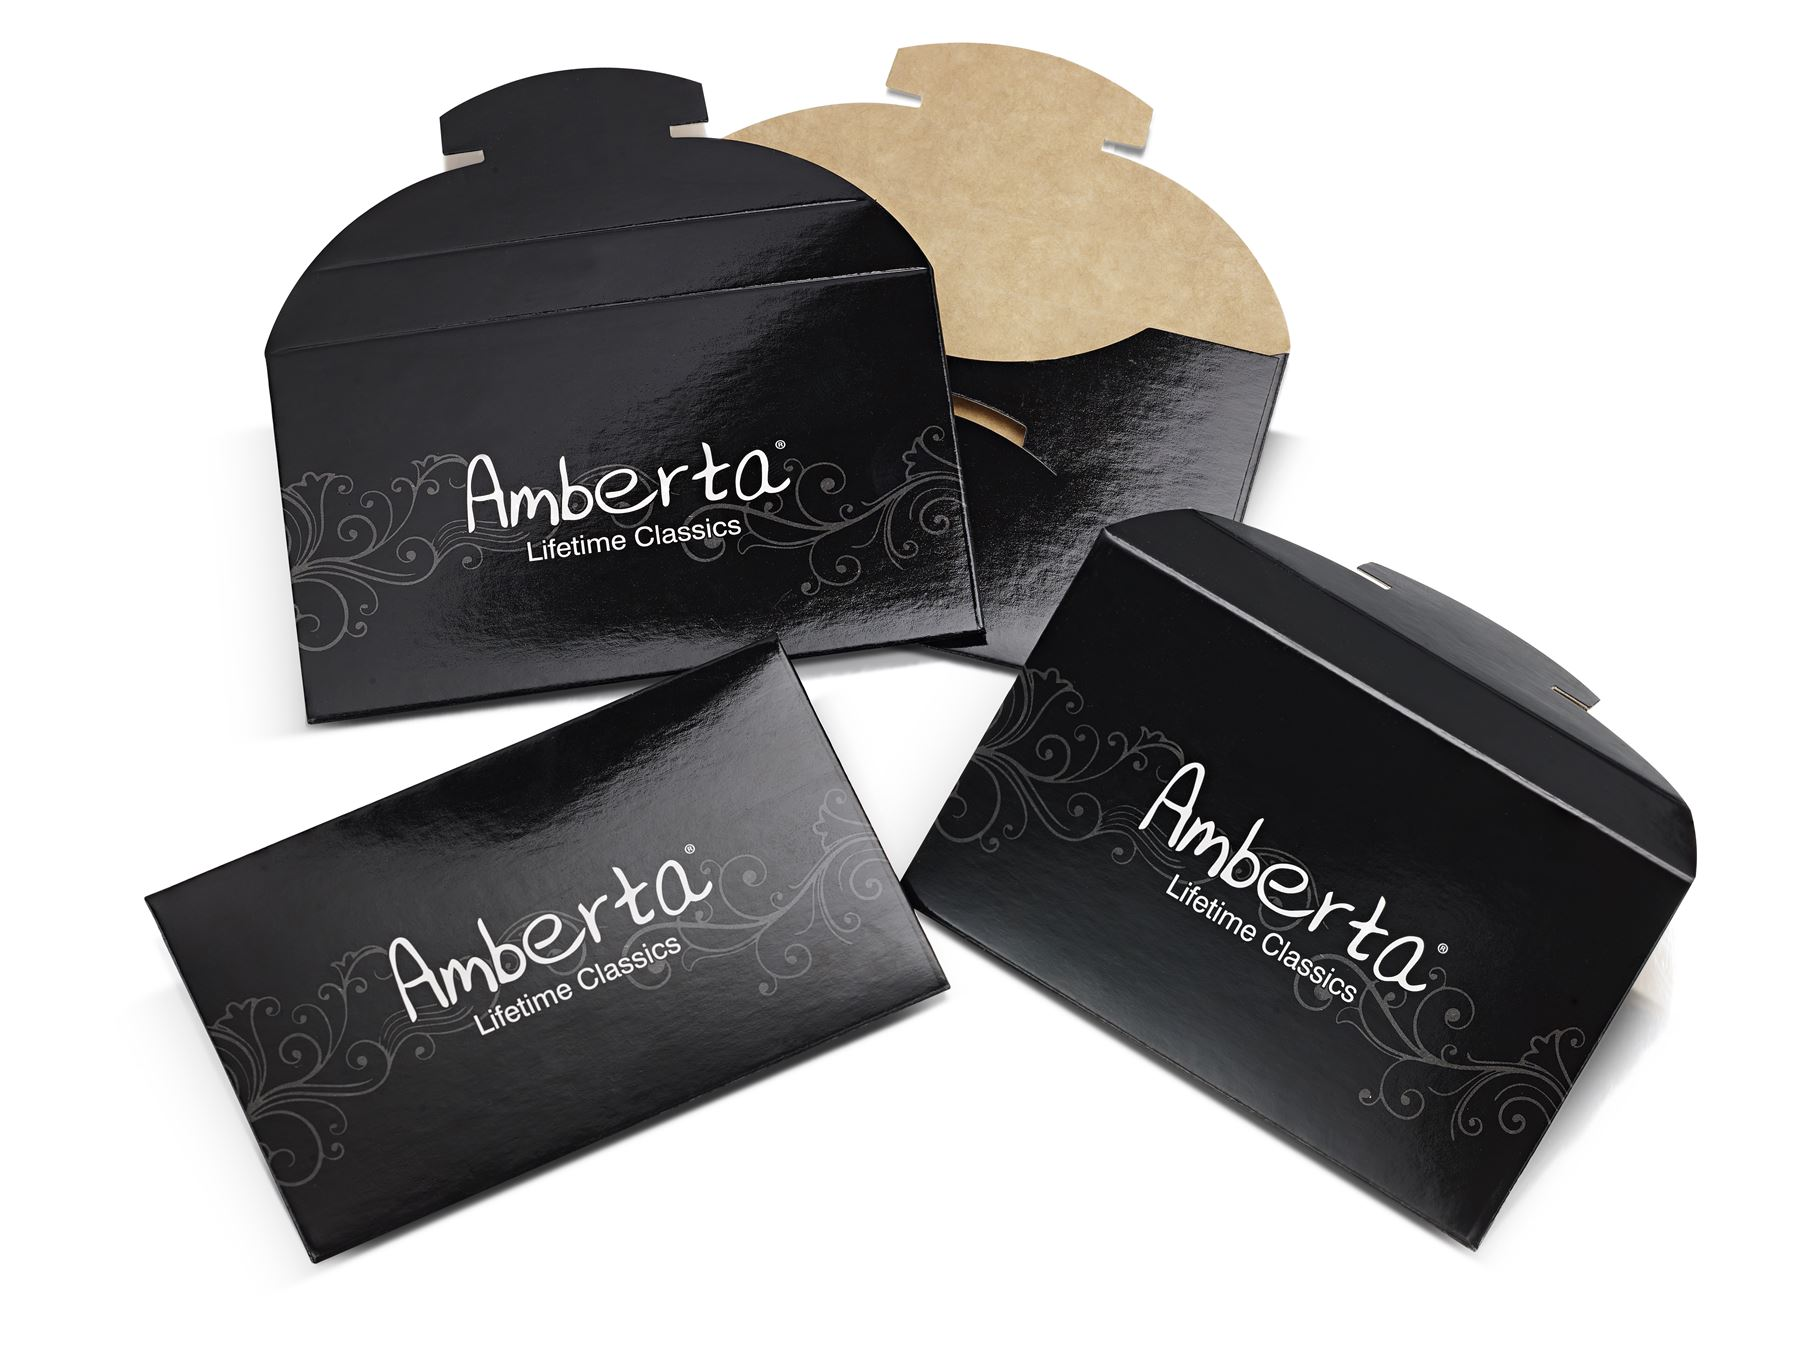 Amberta-Pendientes-para-Mujer-Aros-en-Plata-De-Ley-925-Autentica-Estilo-Clasico miniatura 12